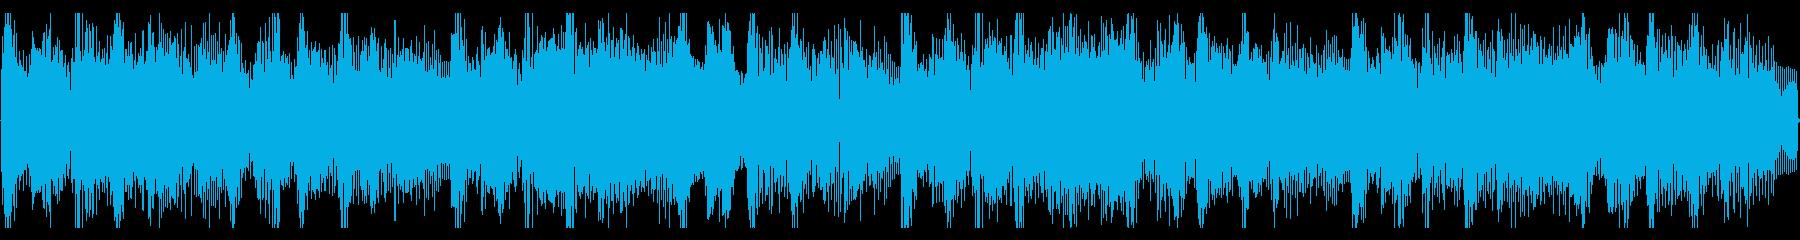 上品でおしゃれなエレピと軽快なリズムの曲の再生済みの波形